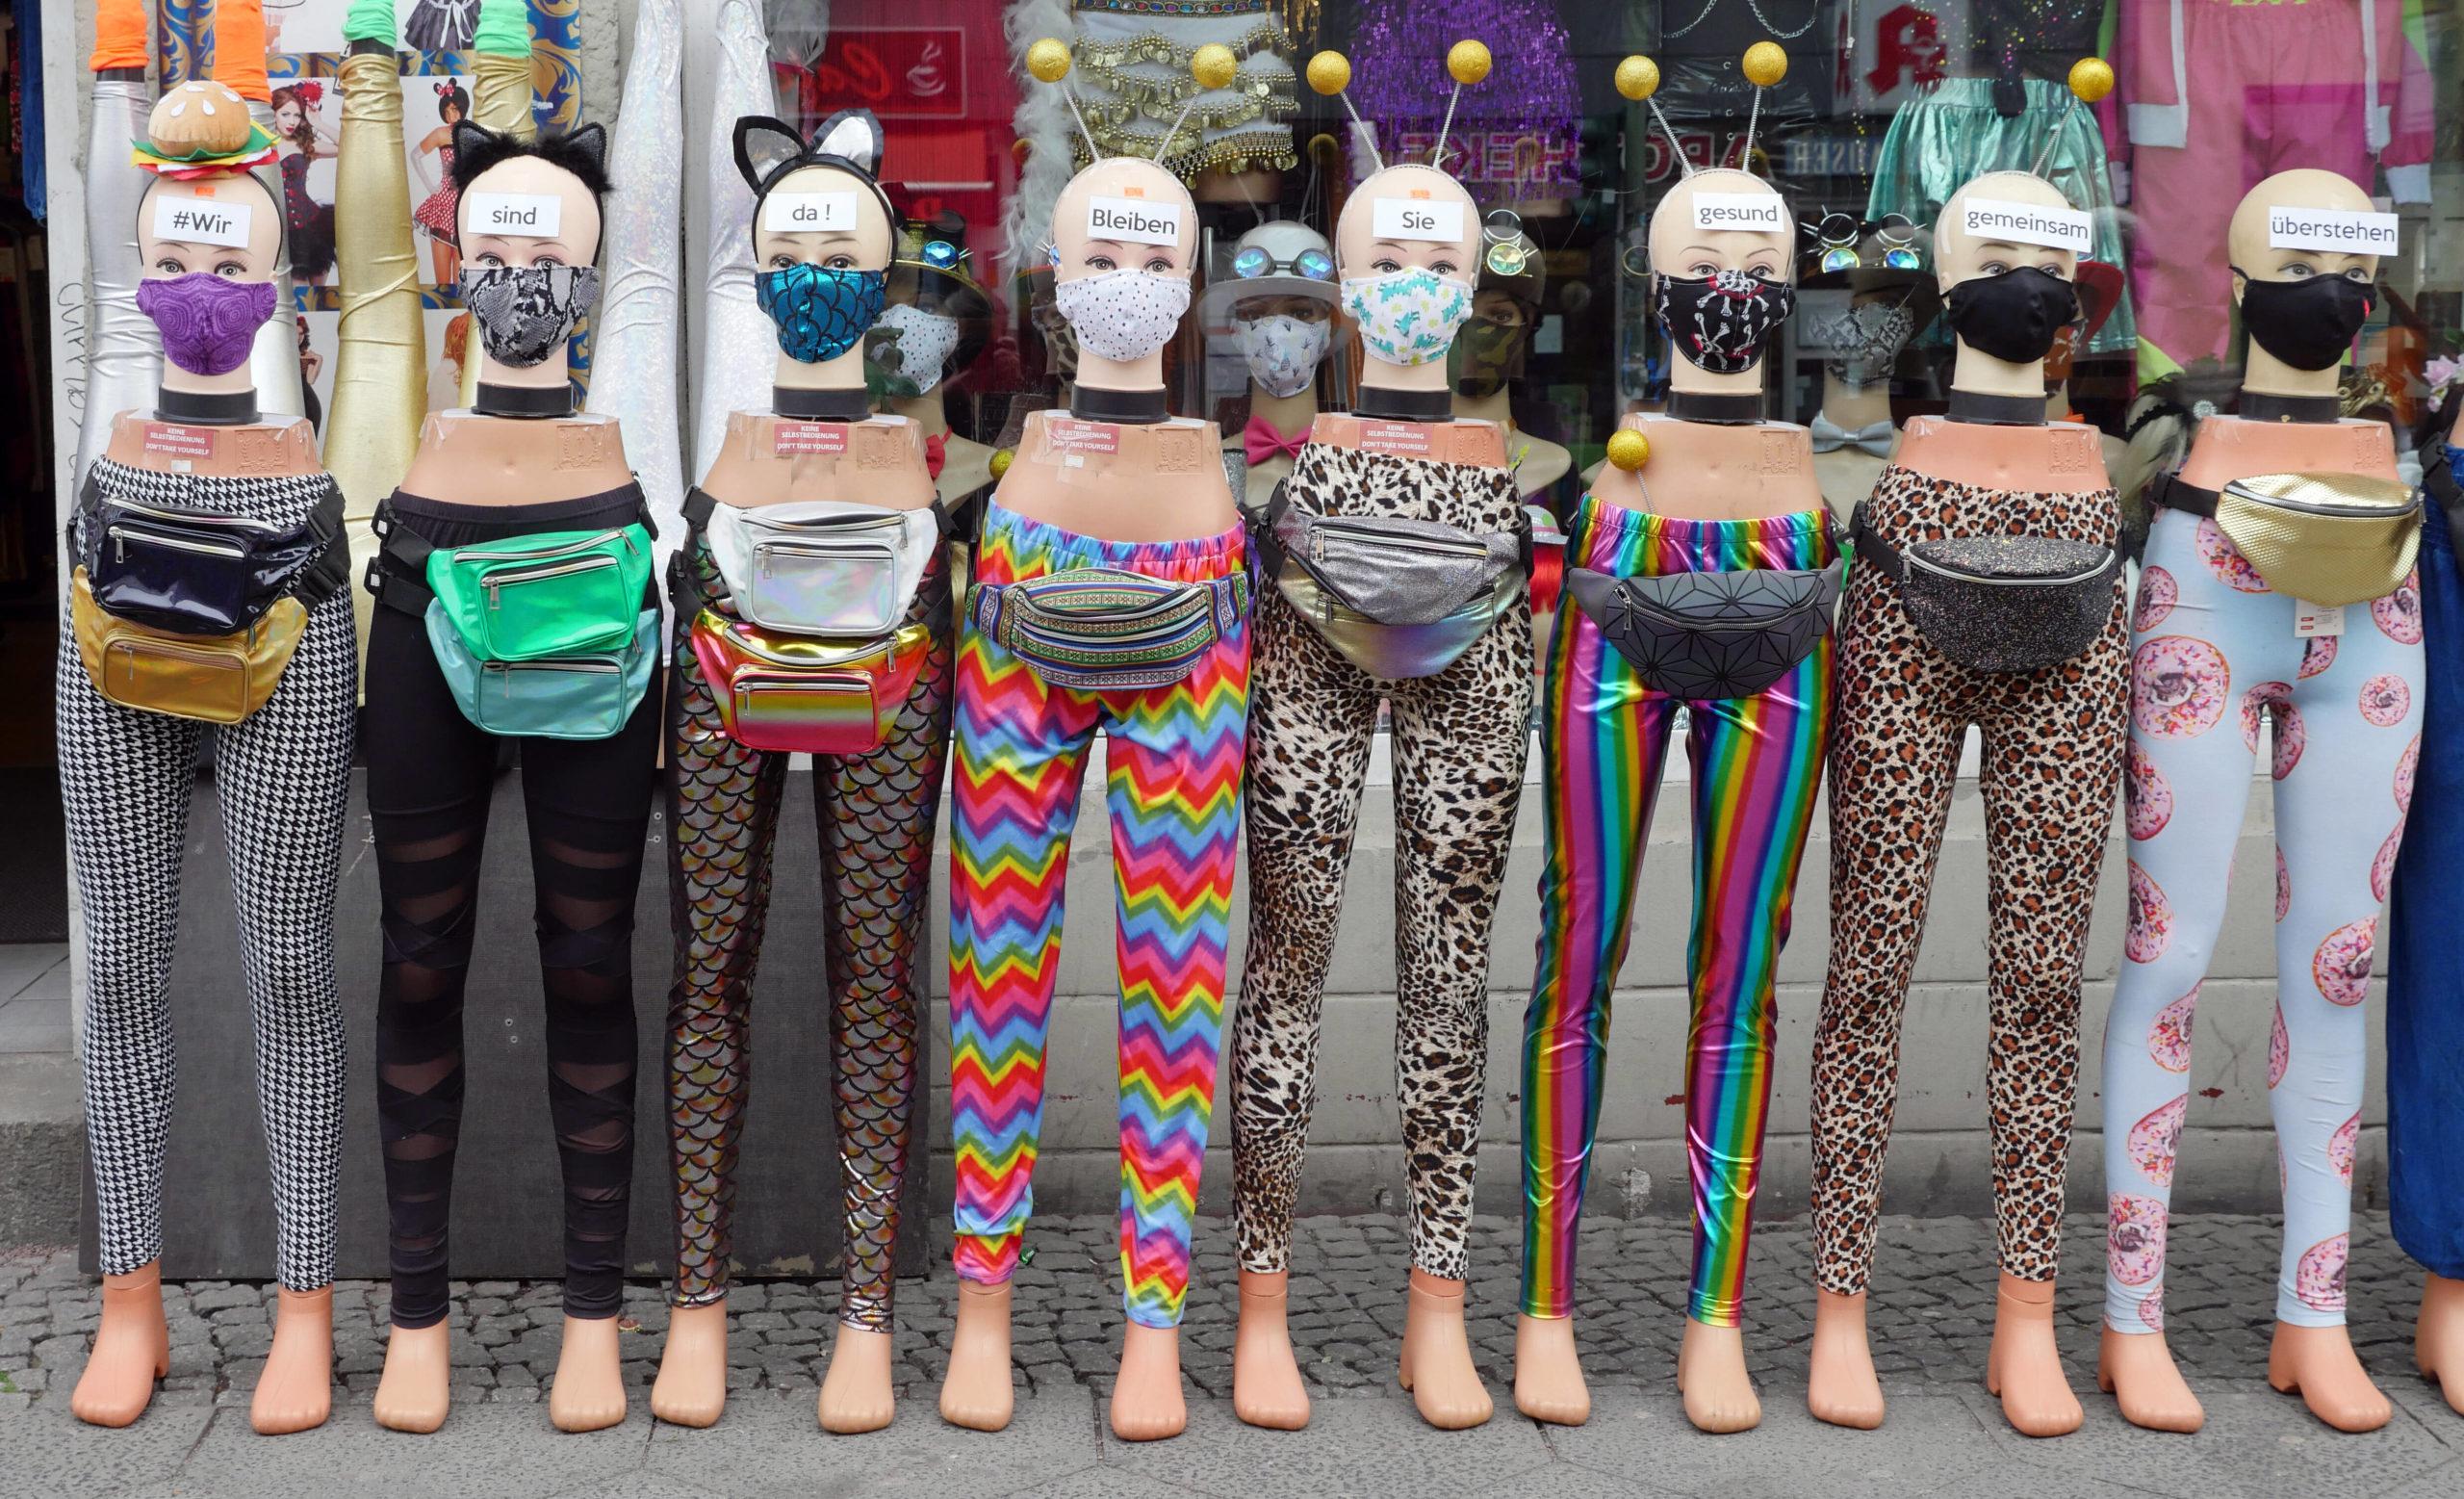 Kuriose Fotos aus Berlin: Schräge Models präsentieren die neuste Maskenmode in einem Neuköllner Geschäft. Foto: Imago/Sabine Gudath